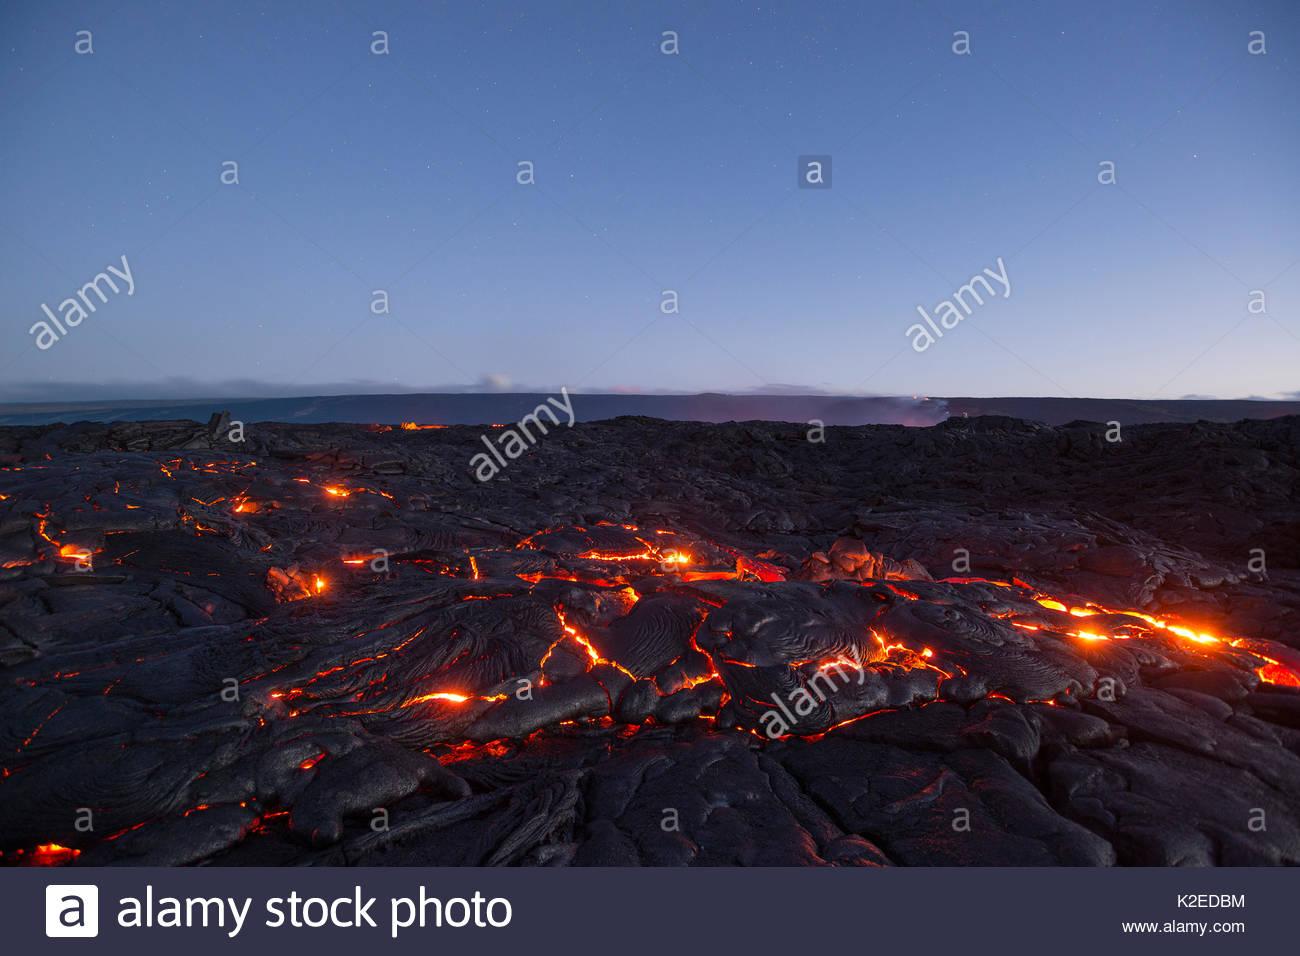 Hot Lava leuchtet durch die Sprünge der pahoehoe in der 61 G-Flow Field, die aus Pu'u O'o auf Kilauea Vulkan, und fließt in Richtung Ozean in Hawaii Volcanoes National Park, Kamokuna, Kalapana, Puna, Hawaii, USA, August 2016 Stockbild